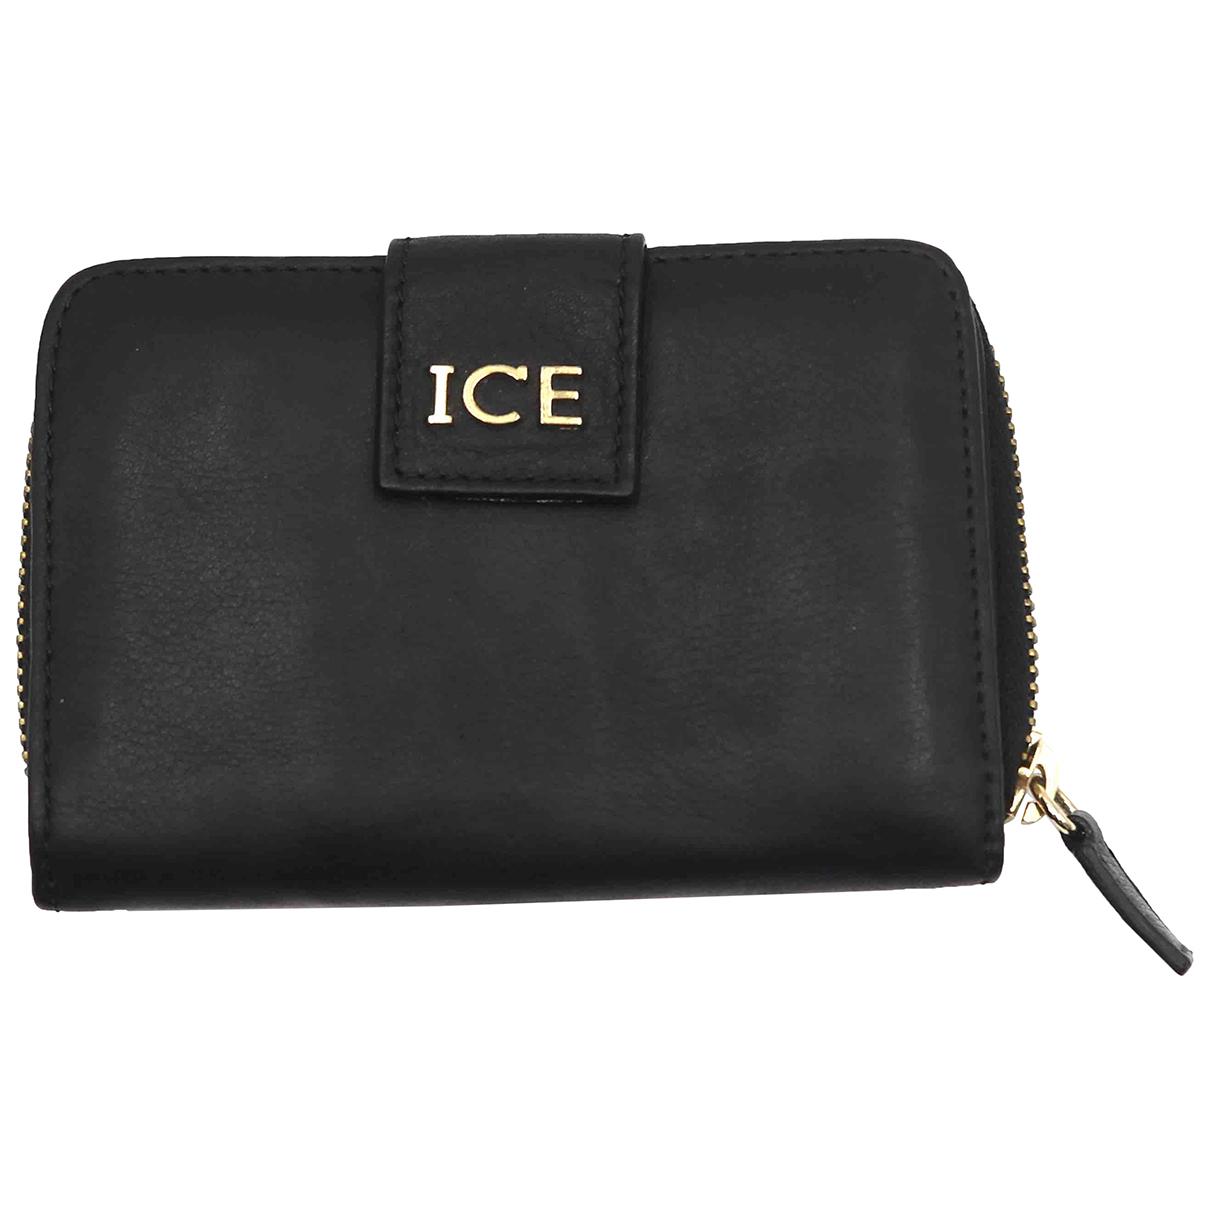 Iceberg - Portefeuille   pour femme en cuir - noir